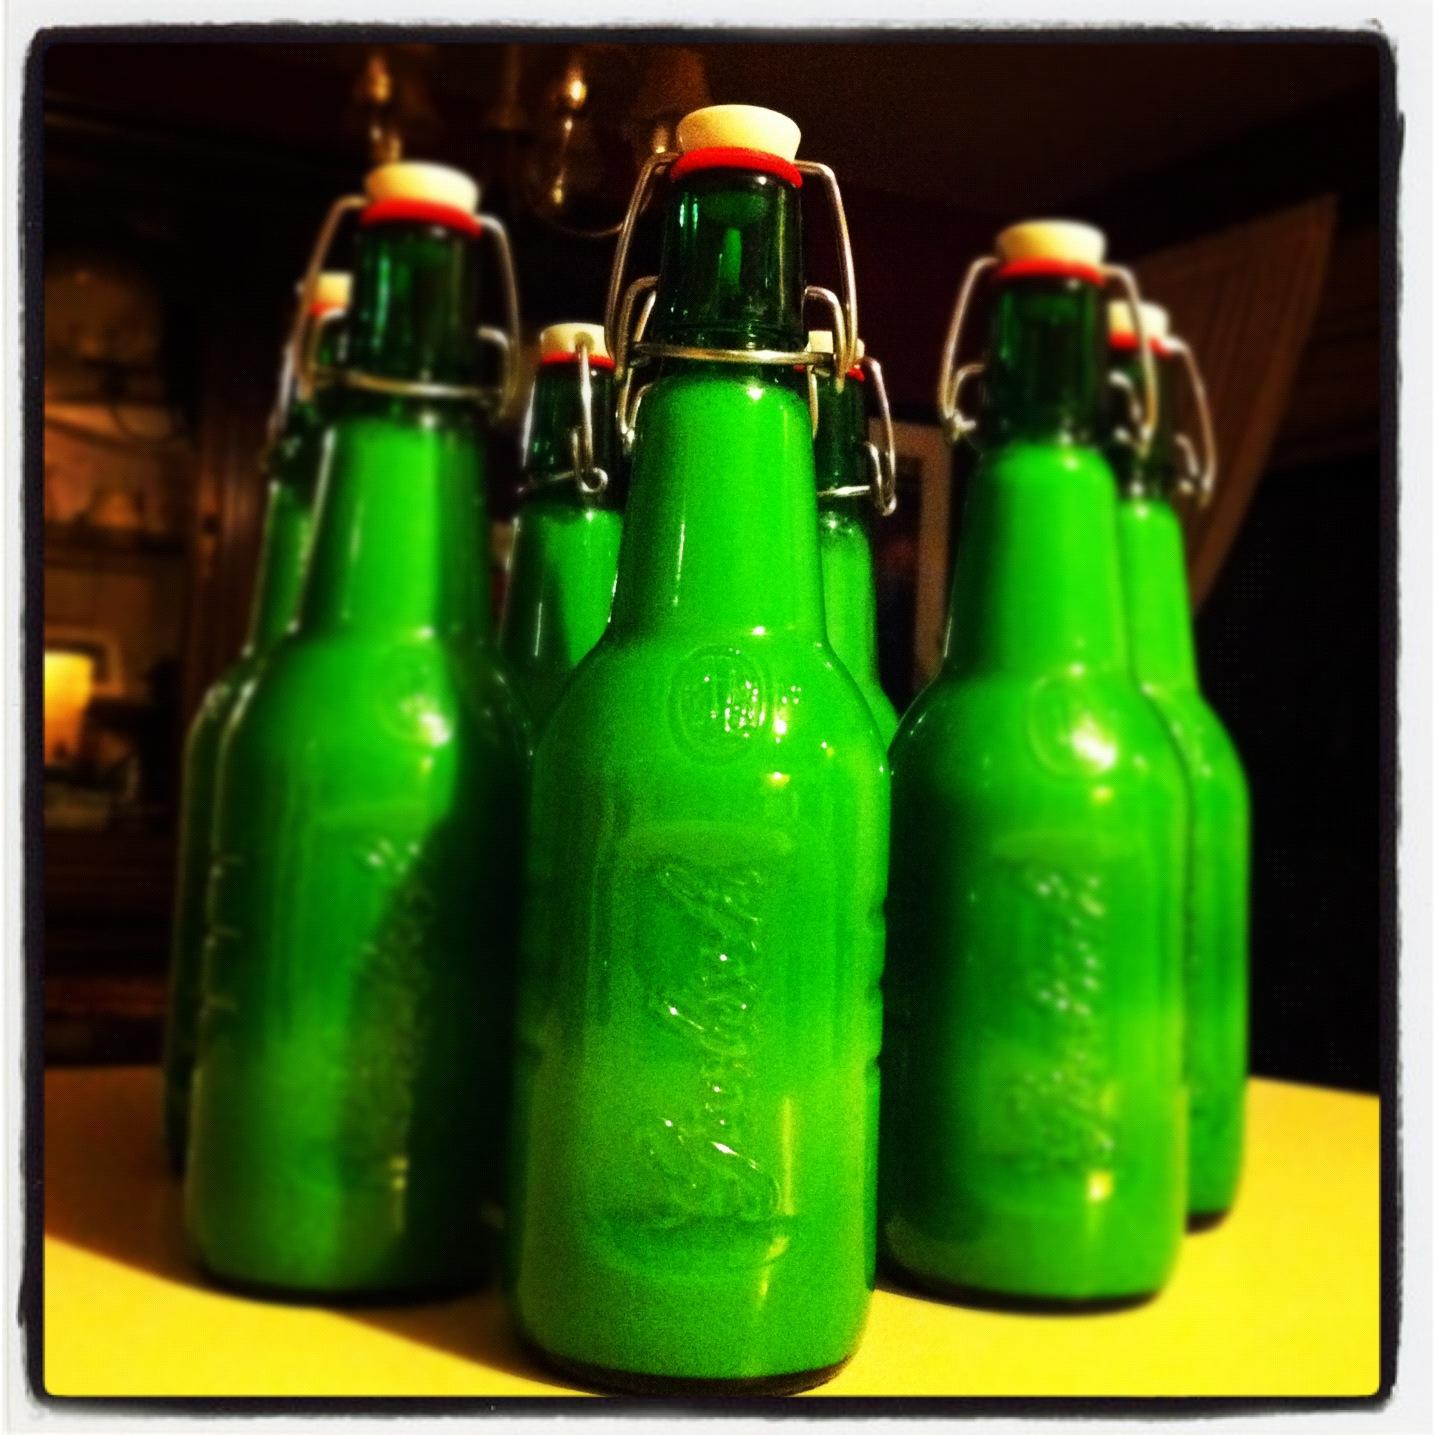 The Christmas Bottles